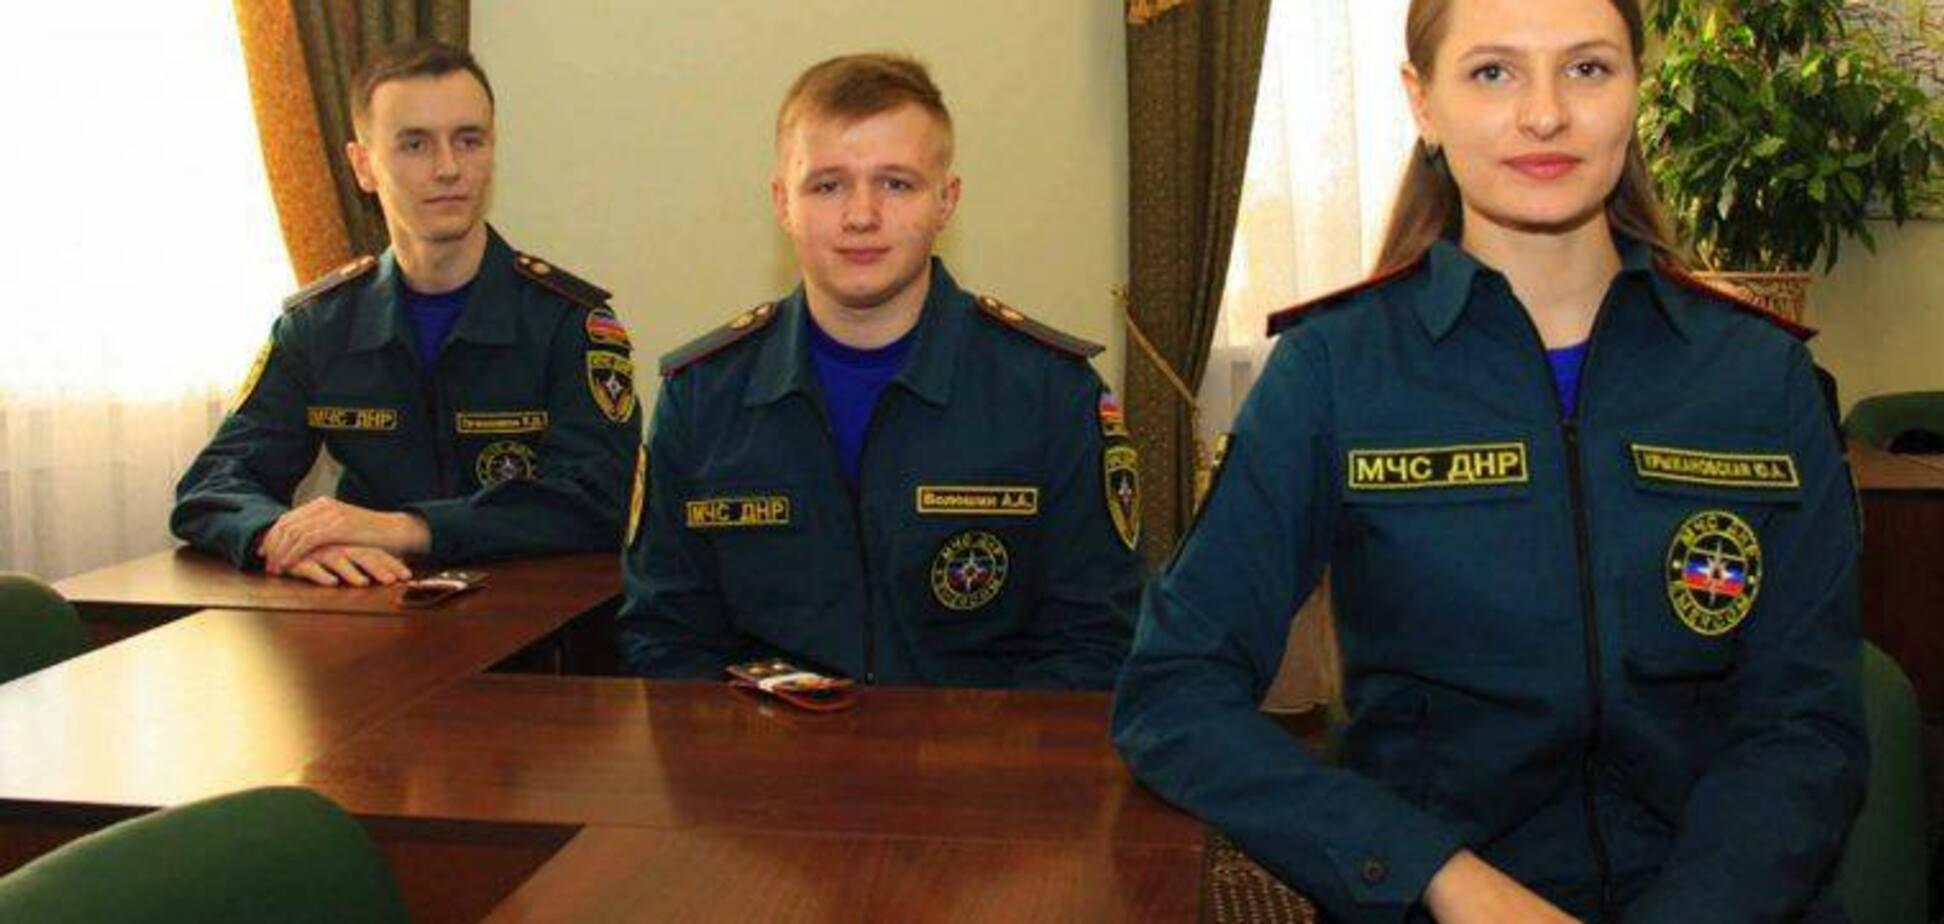 Поїхали в 'ДНР': у мережі показали курсантів-зрадників із харківського ВНЗ